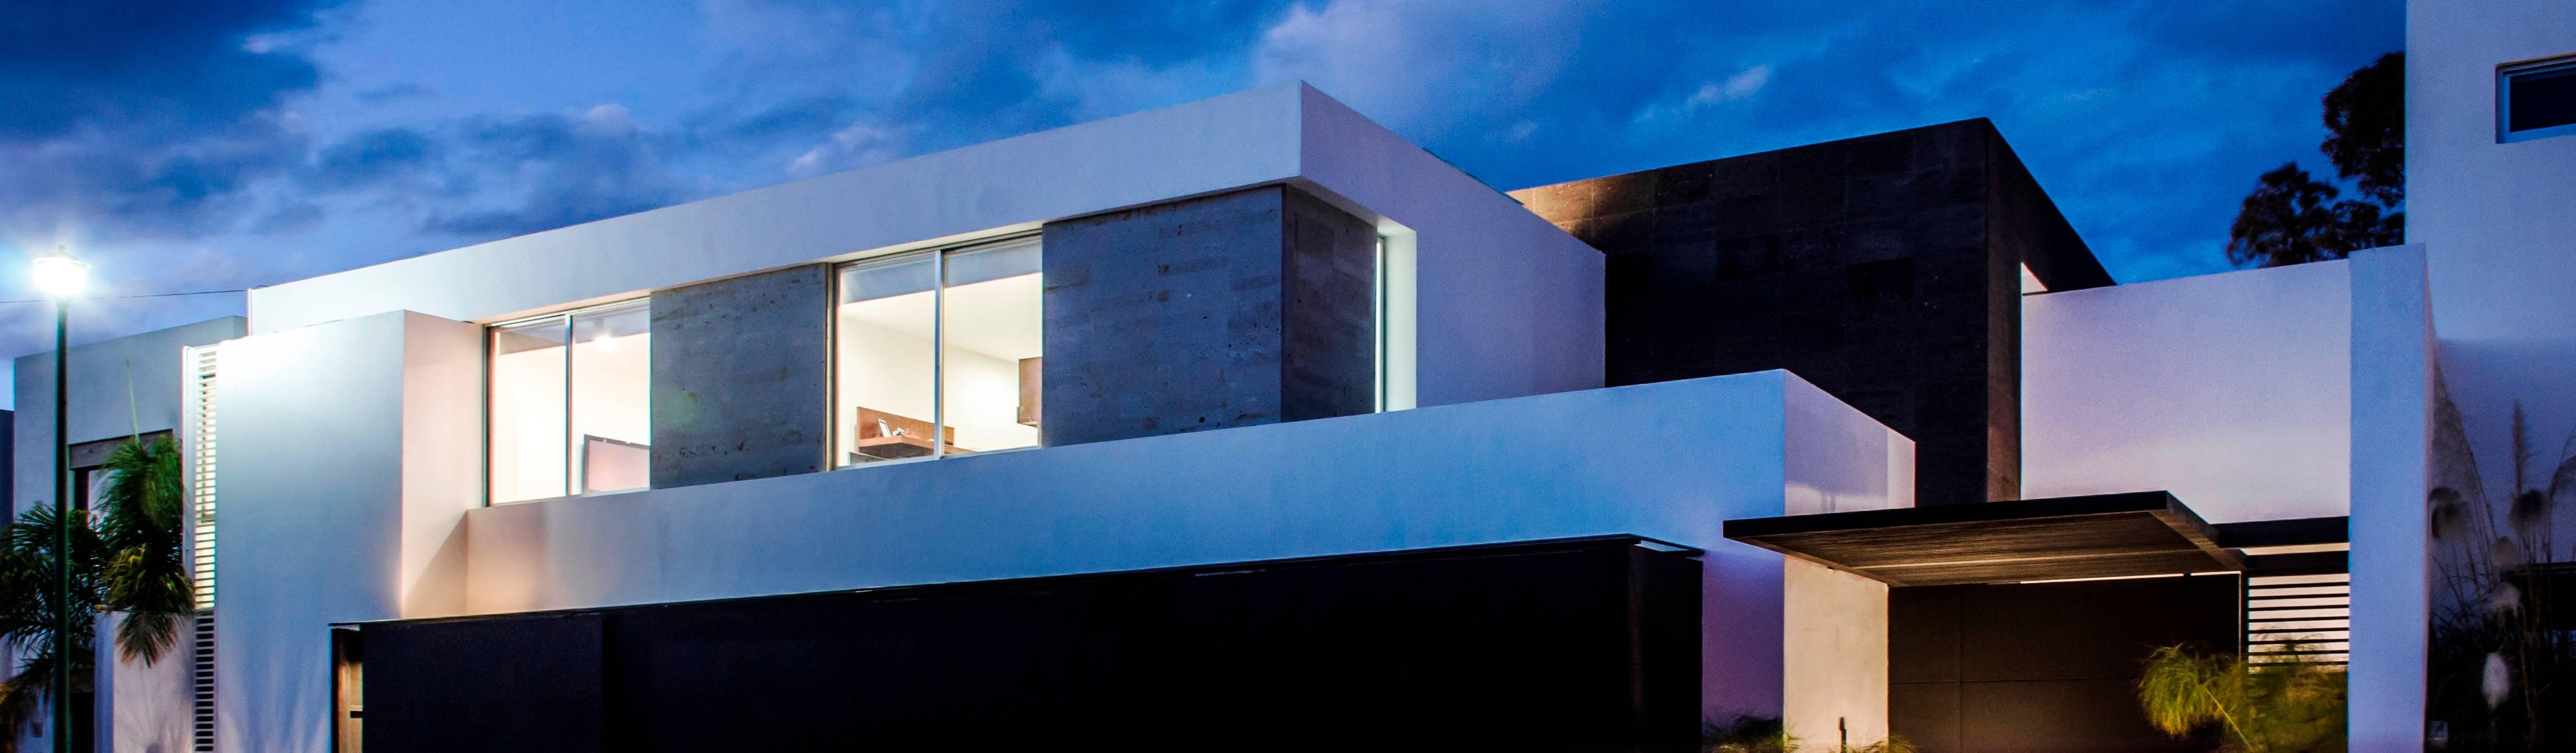 BAG arquitectura